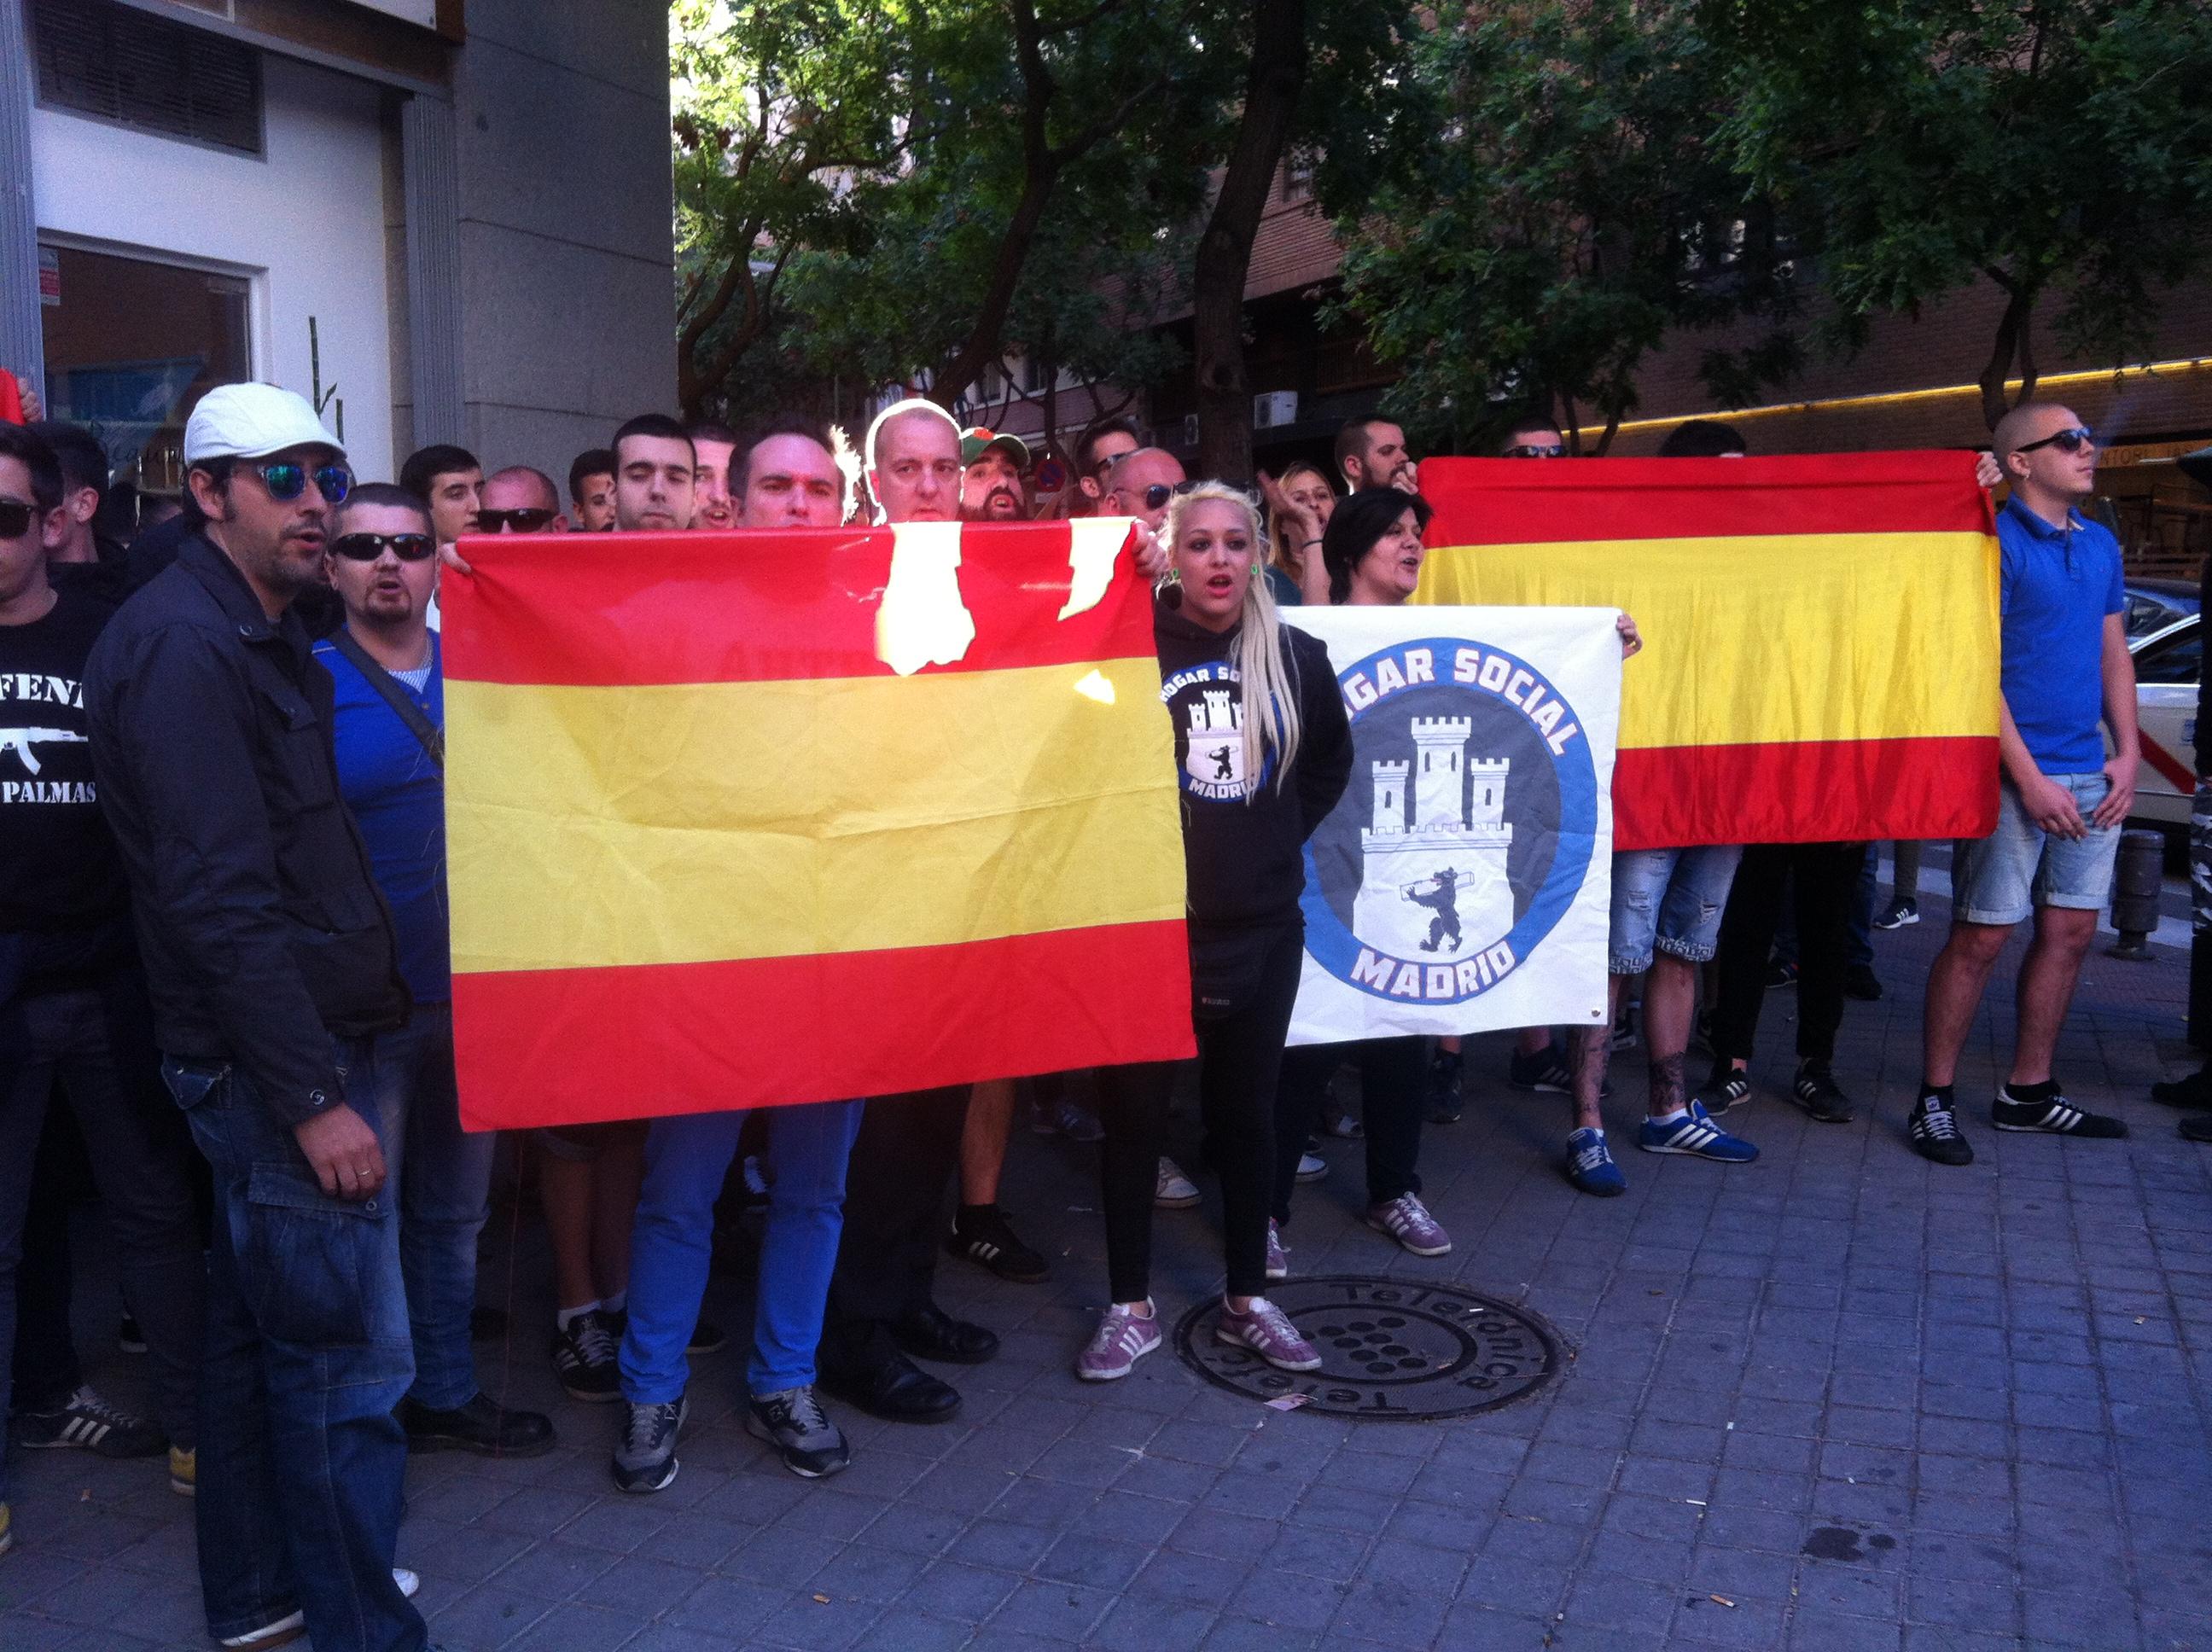 Ultras Del Hogar Social Madrid No Somos Nazis Somos Socialistas Publico